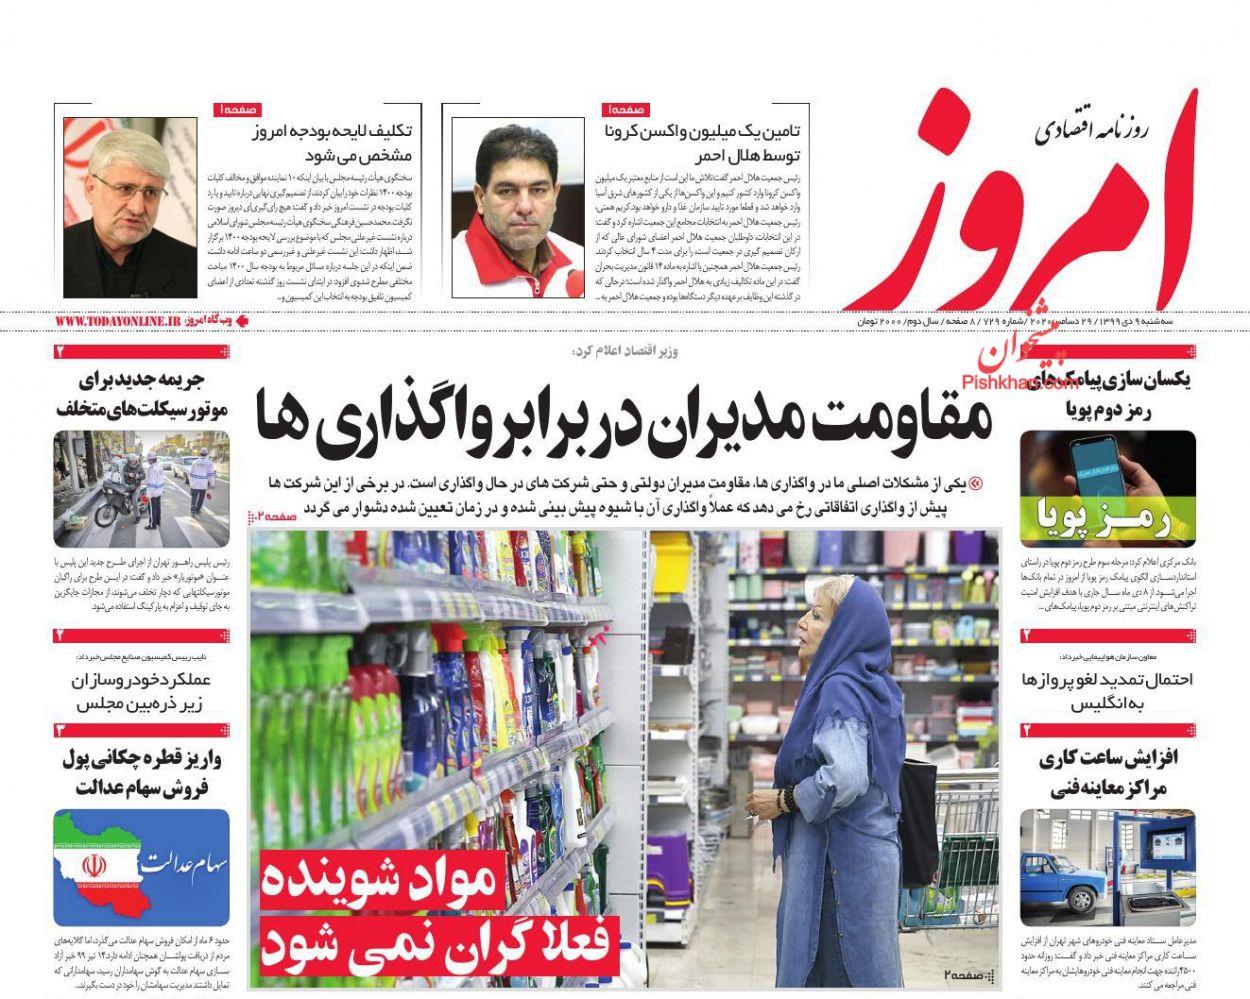 عناوین اخبار روزنامه امروز در روز سهشنبه ۹ دی